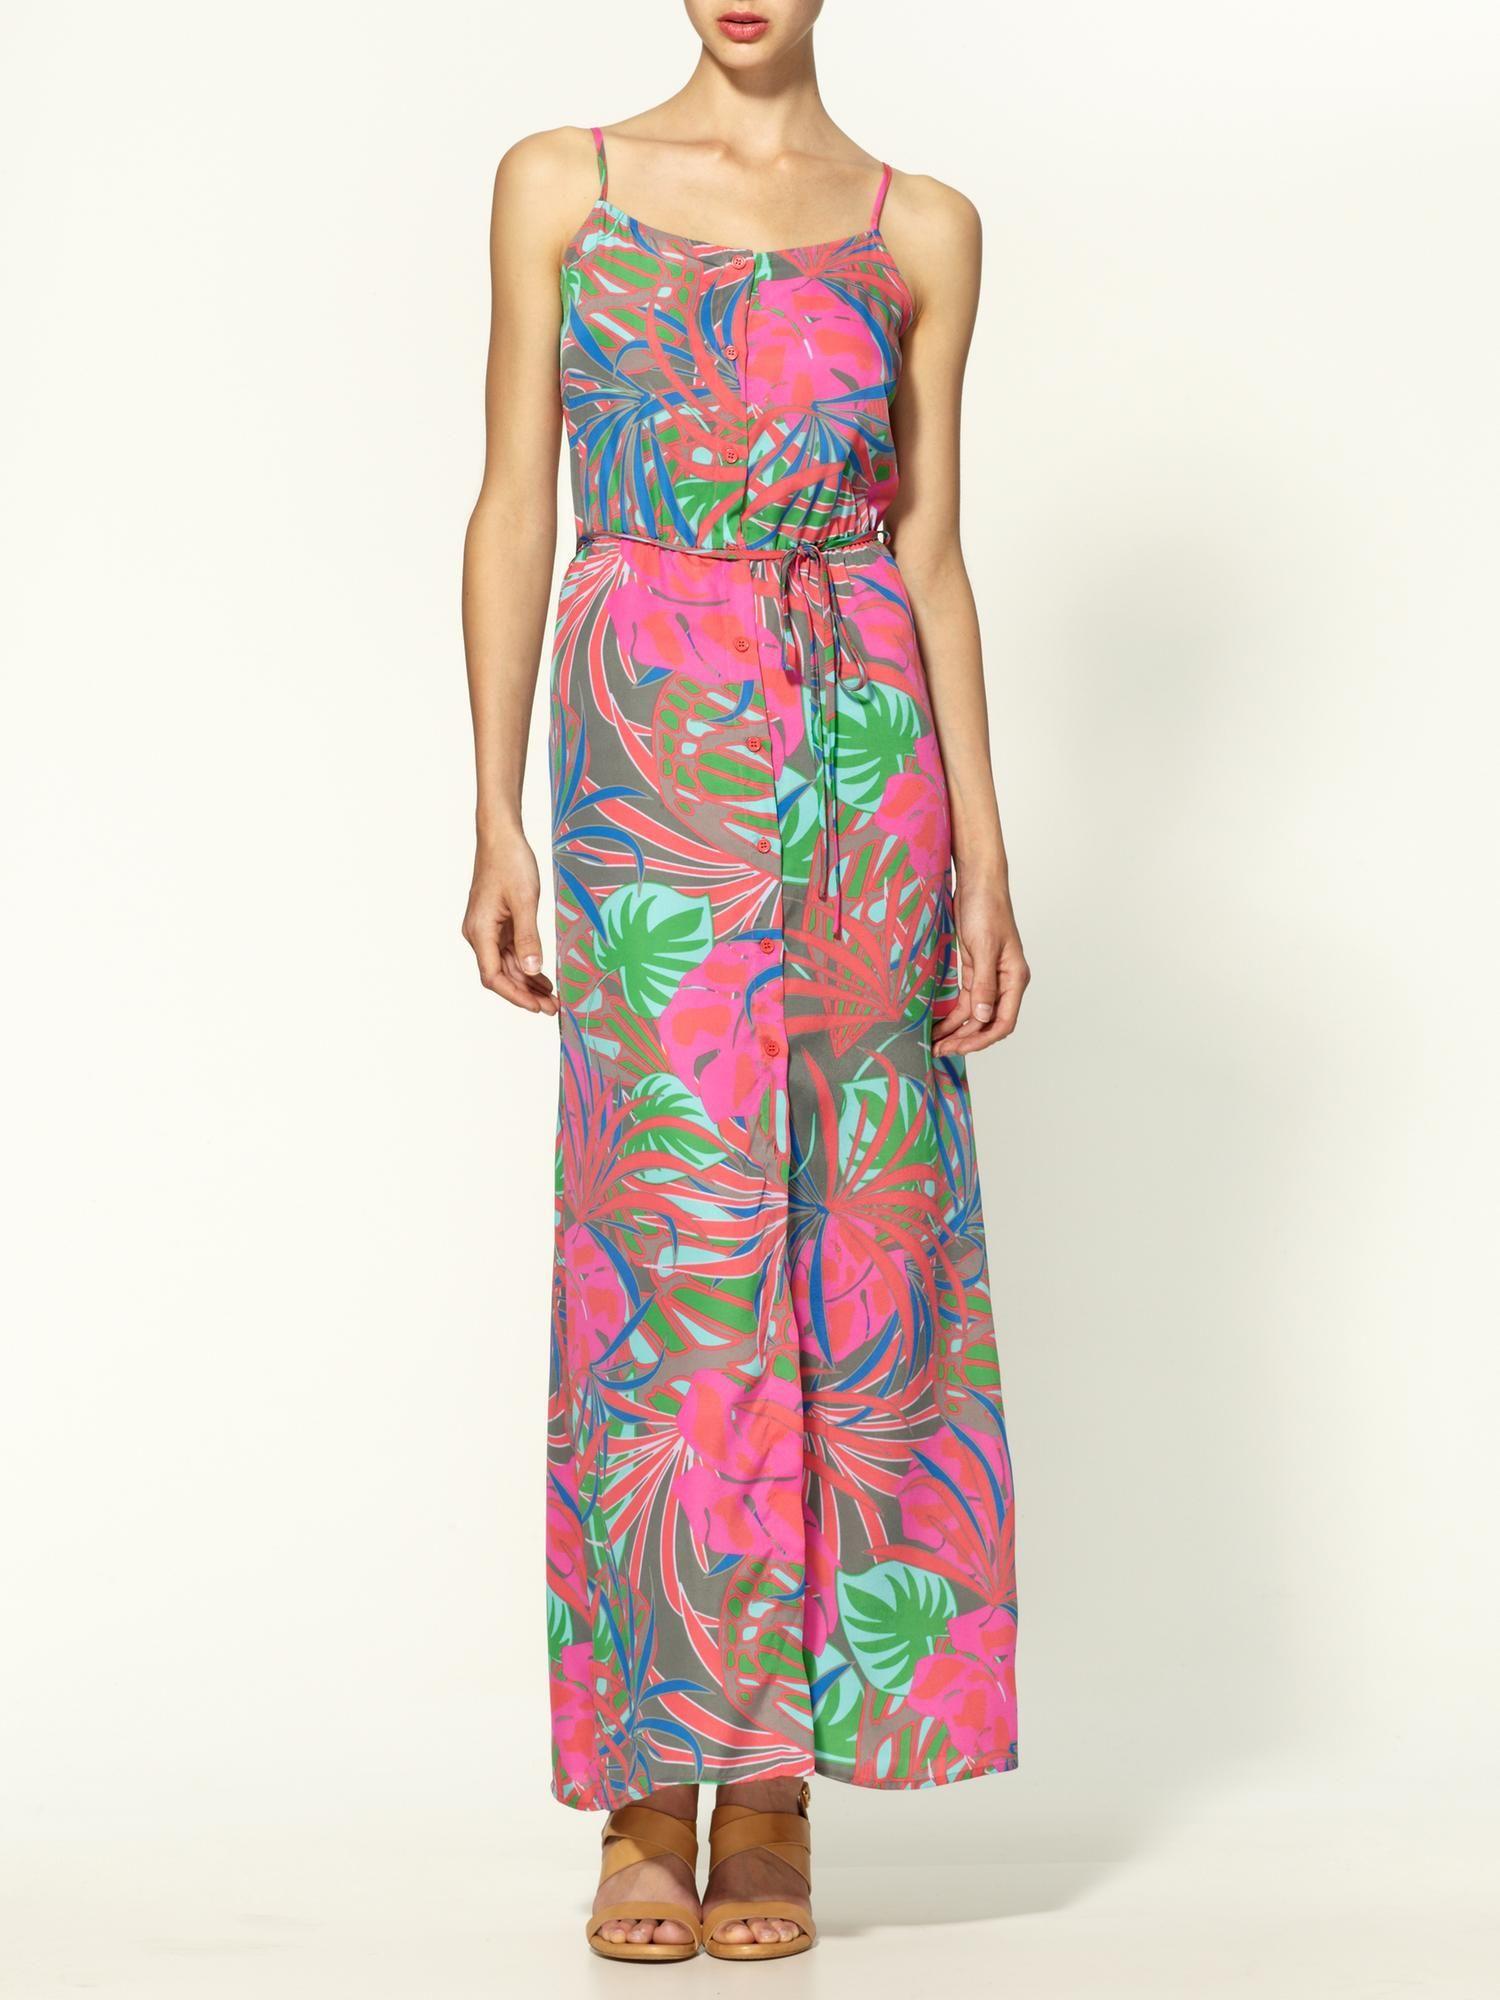 Maldives maxi tropical collective concepts closet apparel